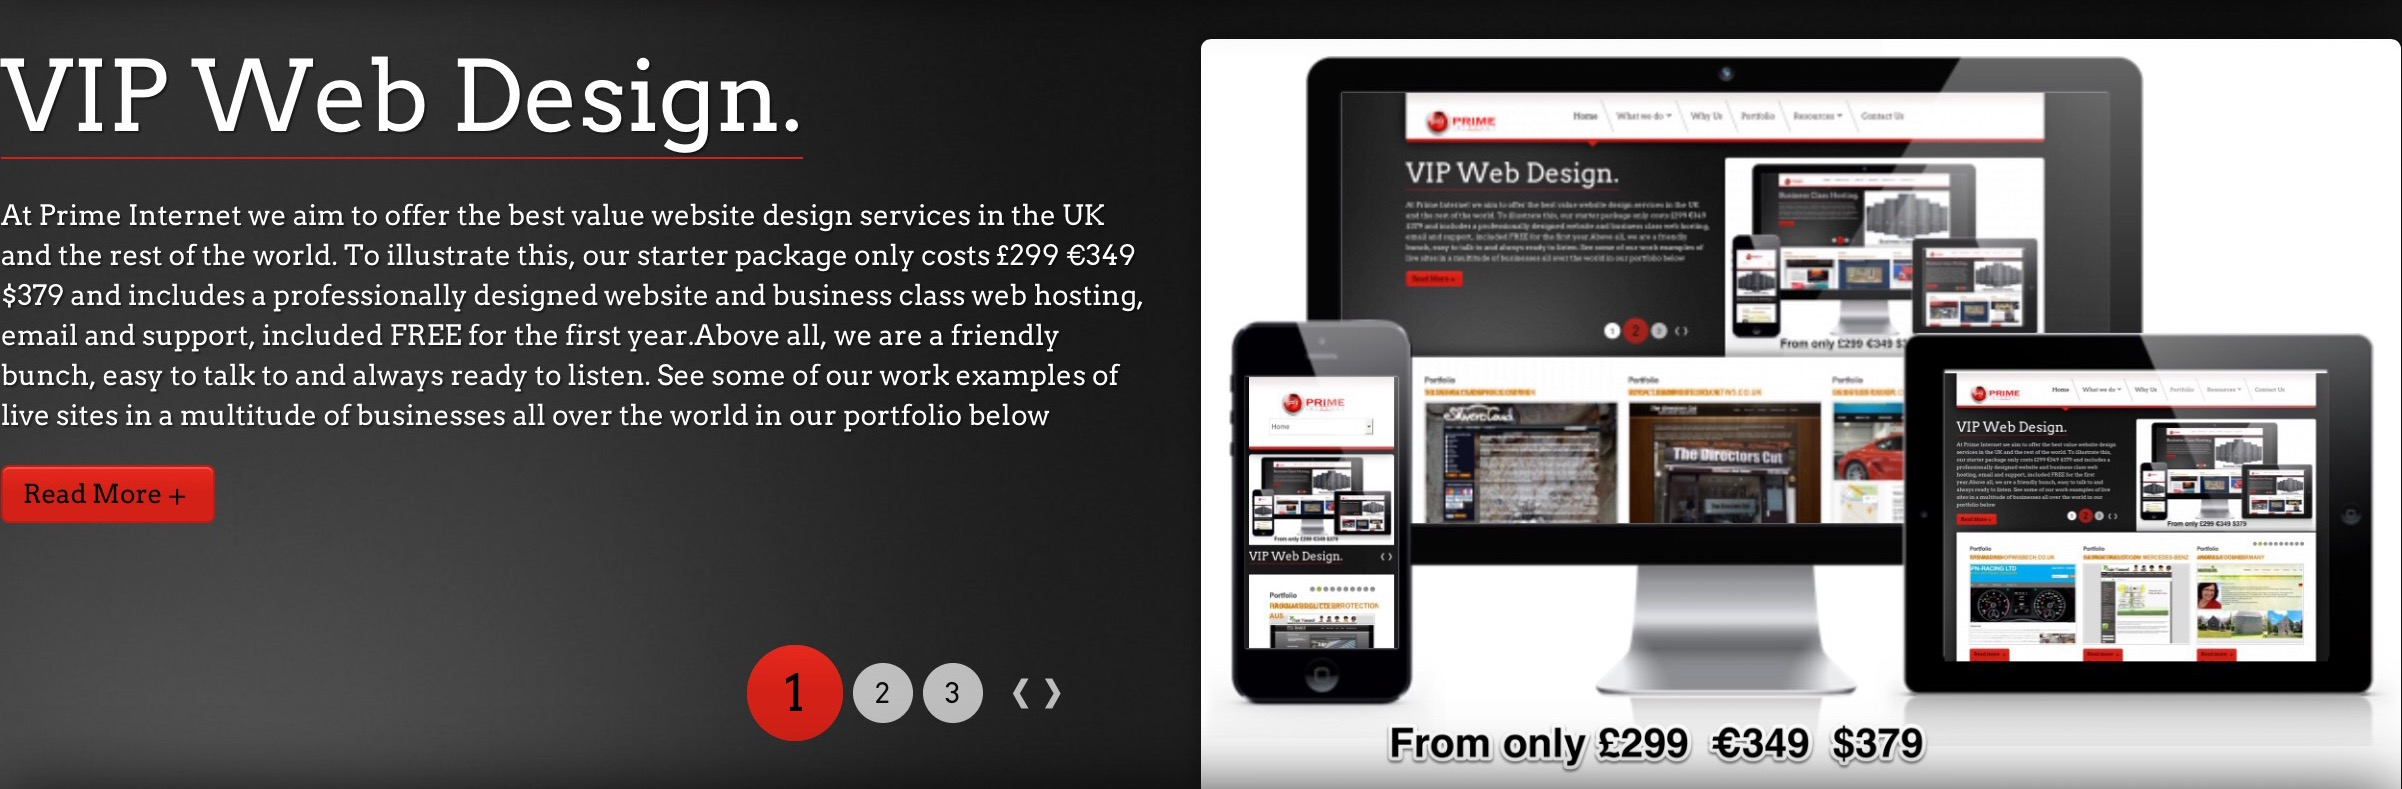 VIP Web Design